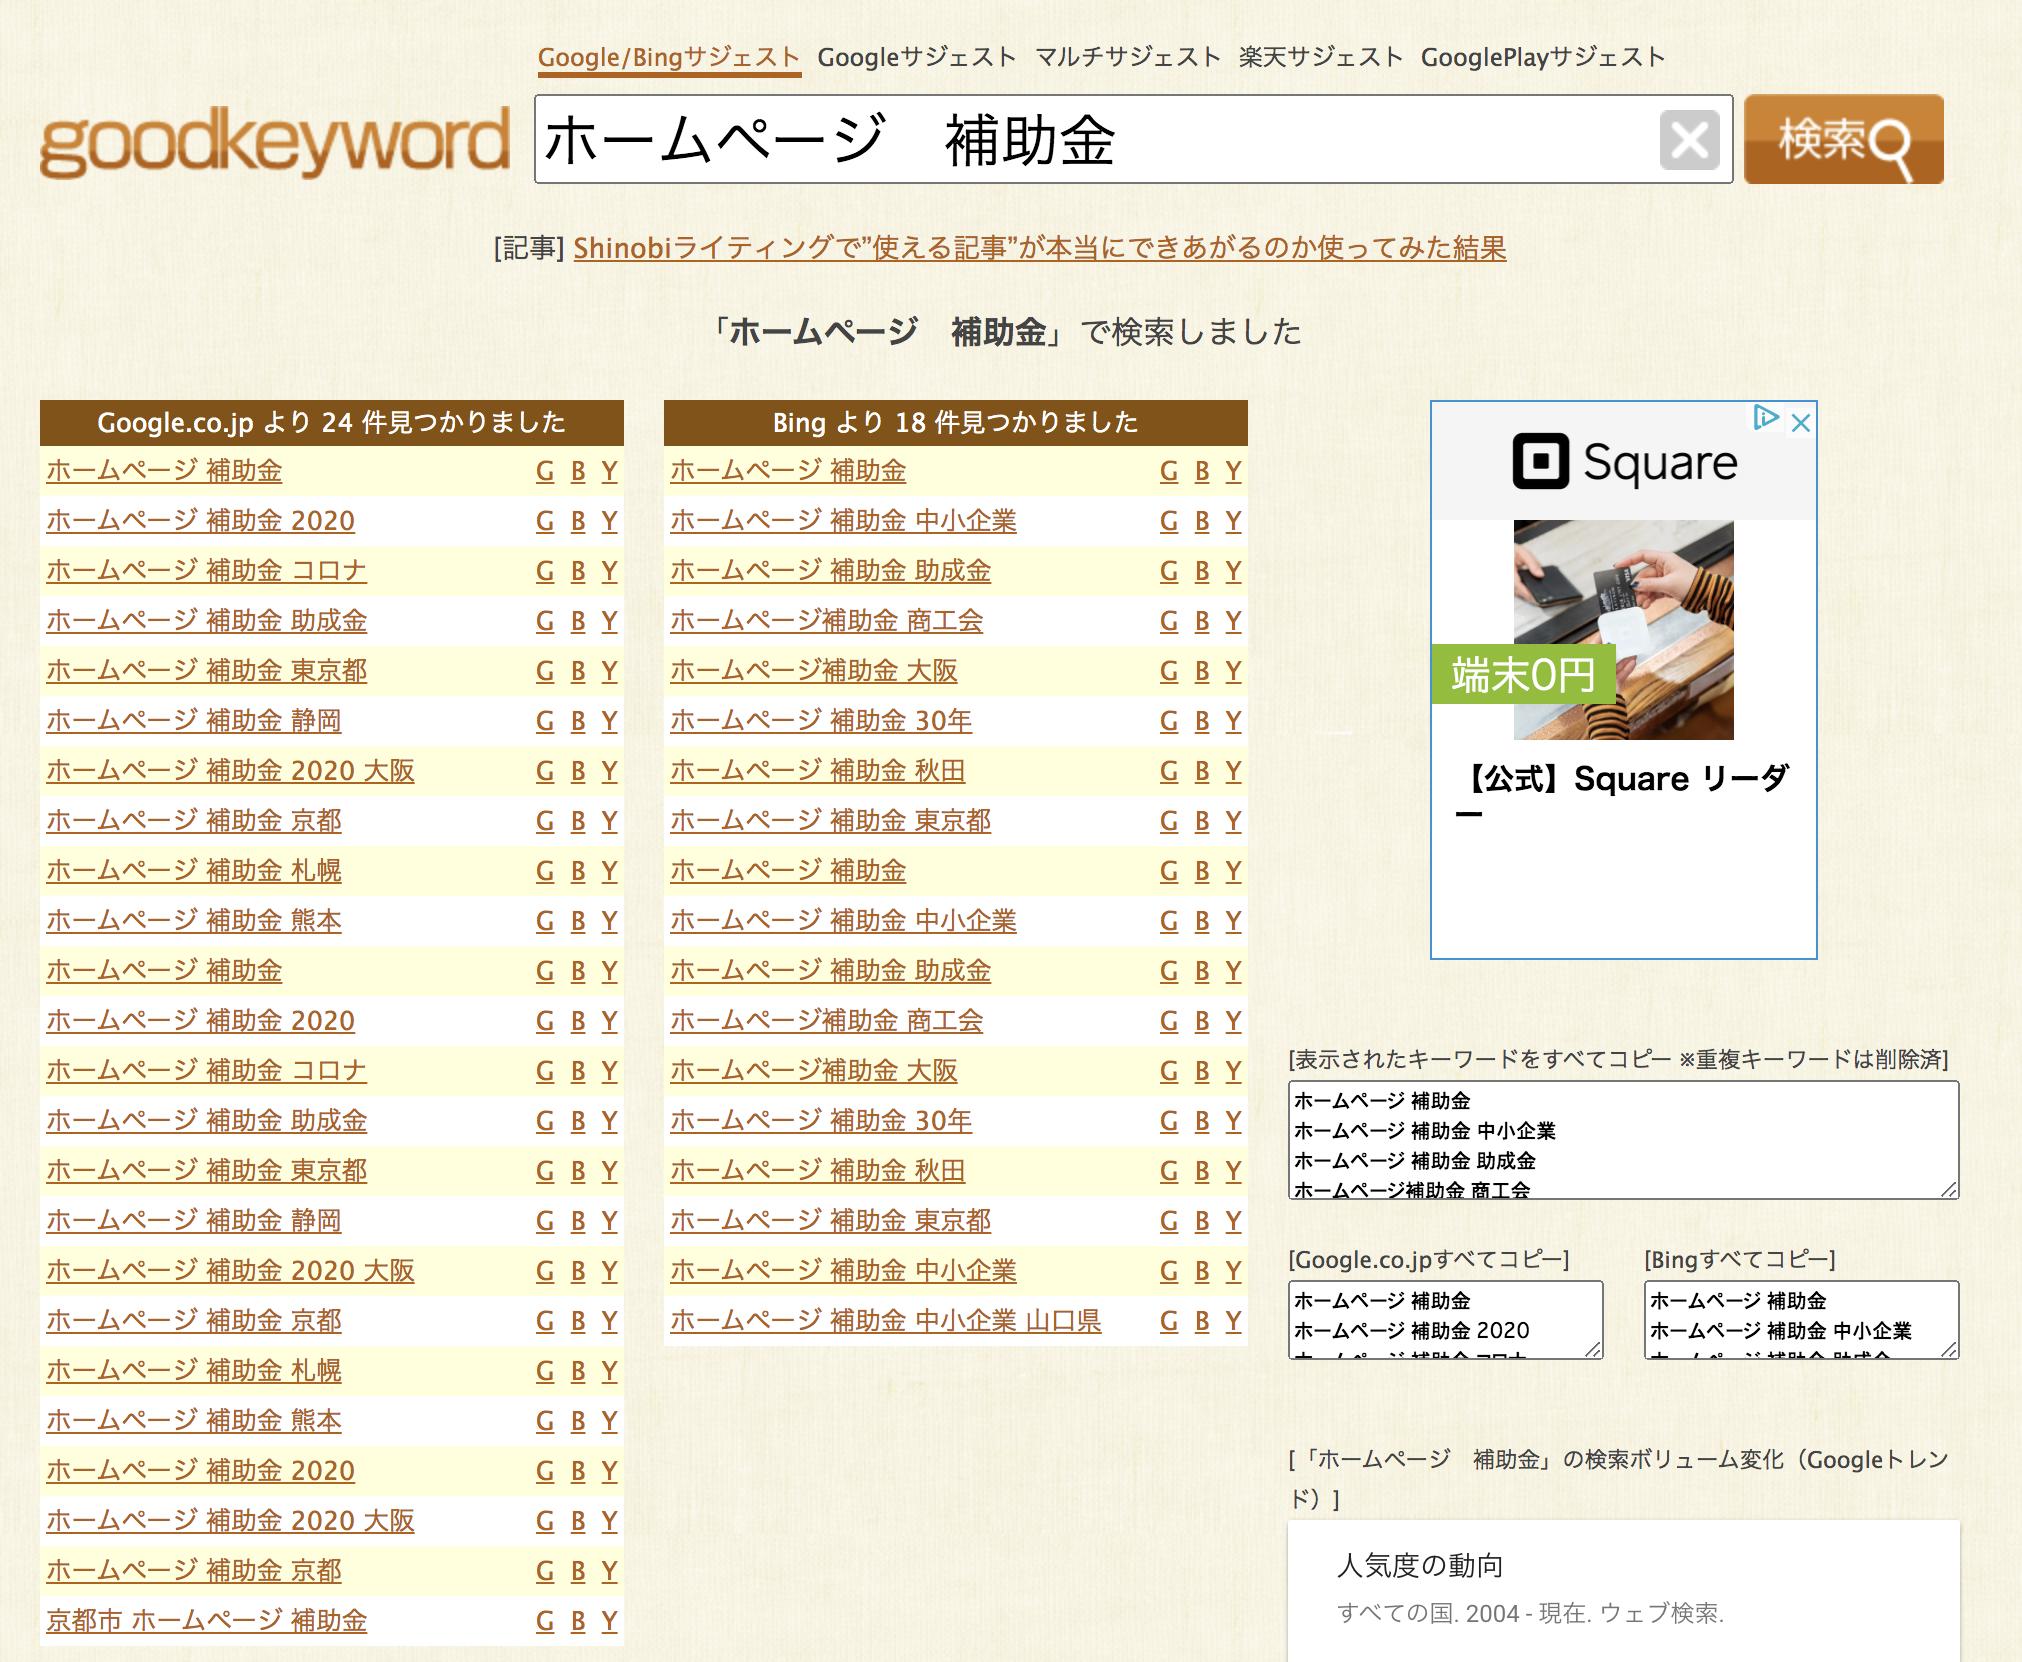 ホームページ制作の補助金がどのようなワードで調べられているか